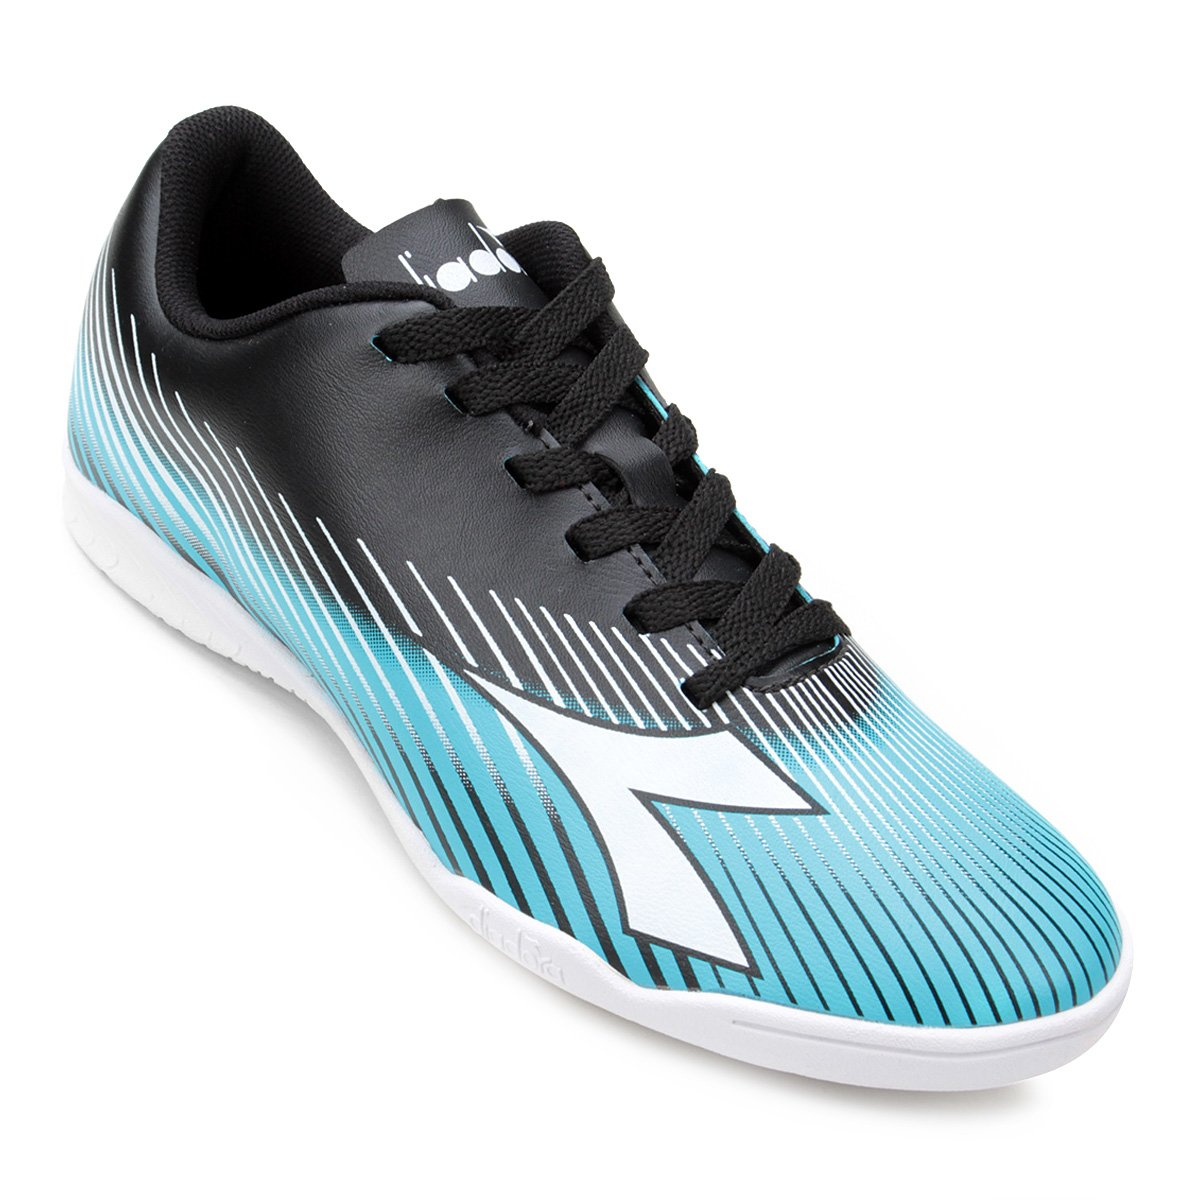 482053fb4c Chuteira Futsal Diadora Rules - Preto e Azul - Compre Agora